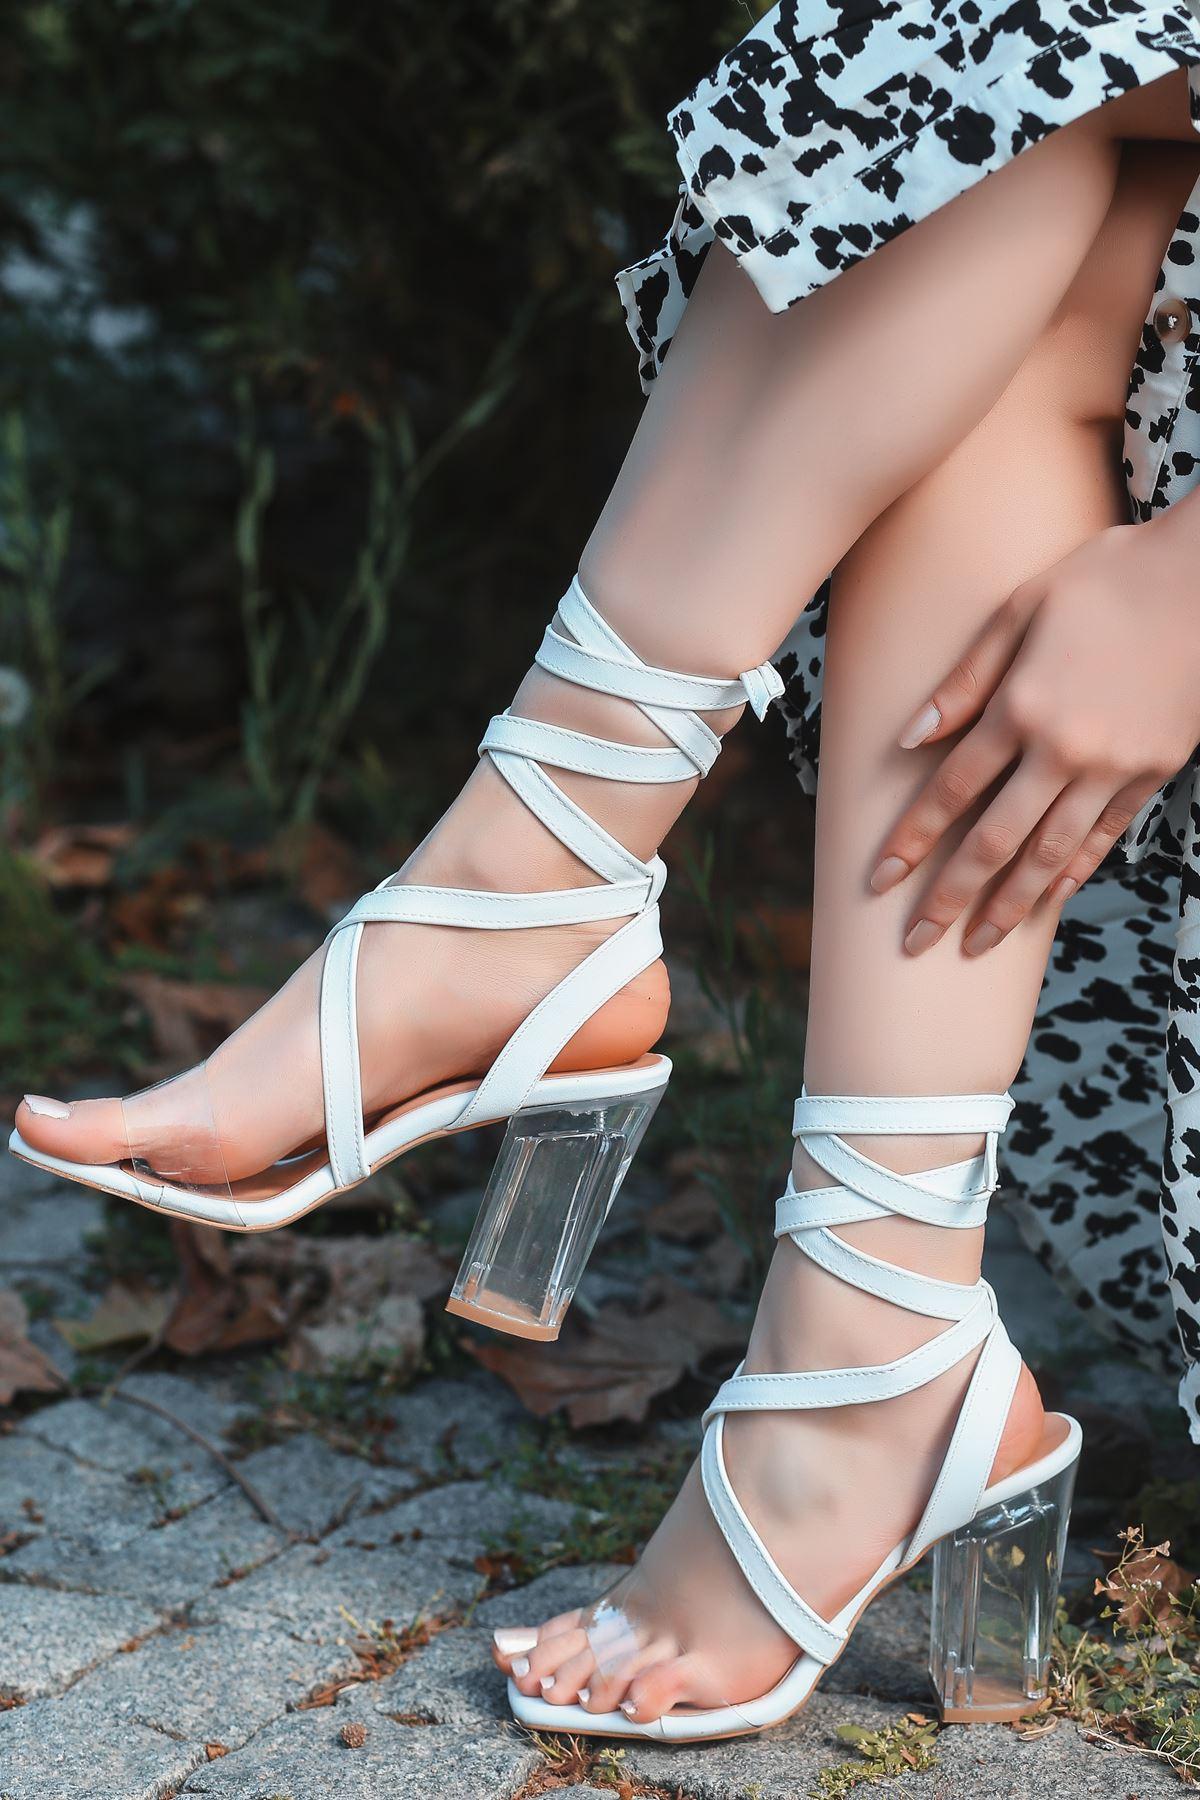 Rosie Beyaz Şeffaf Bantlı Kalın Topuklu Kadın Ayakkabı